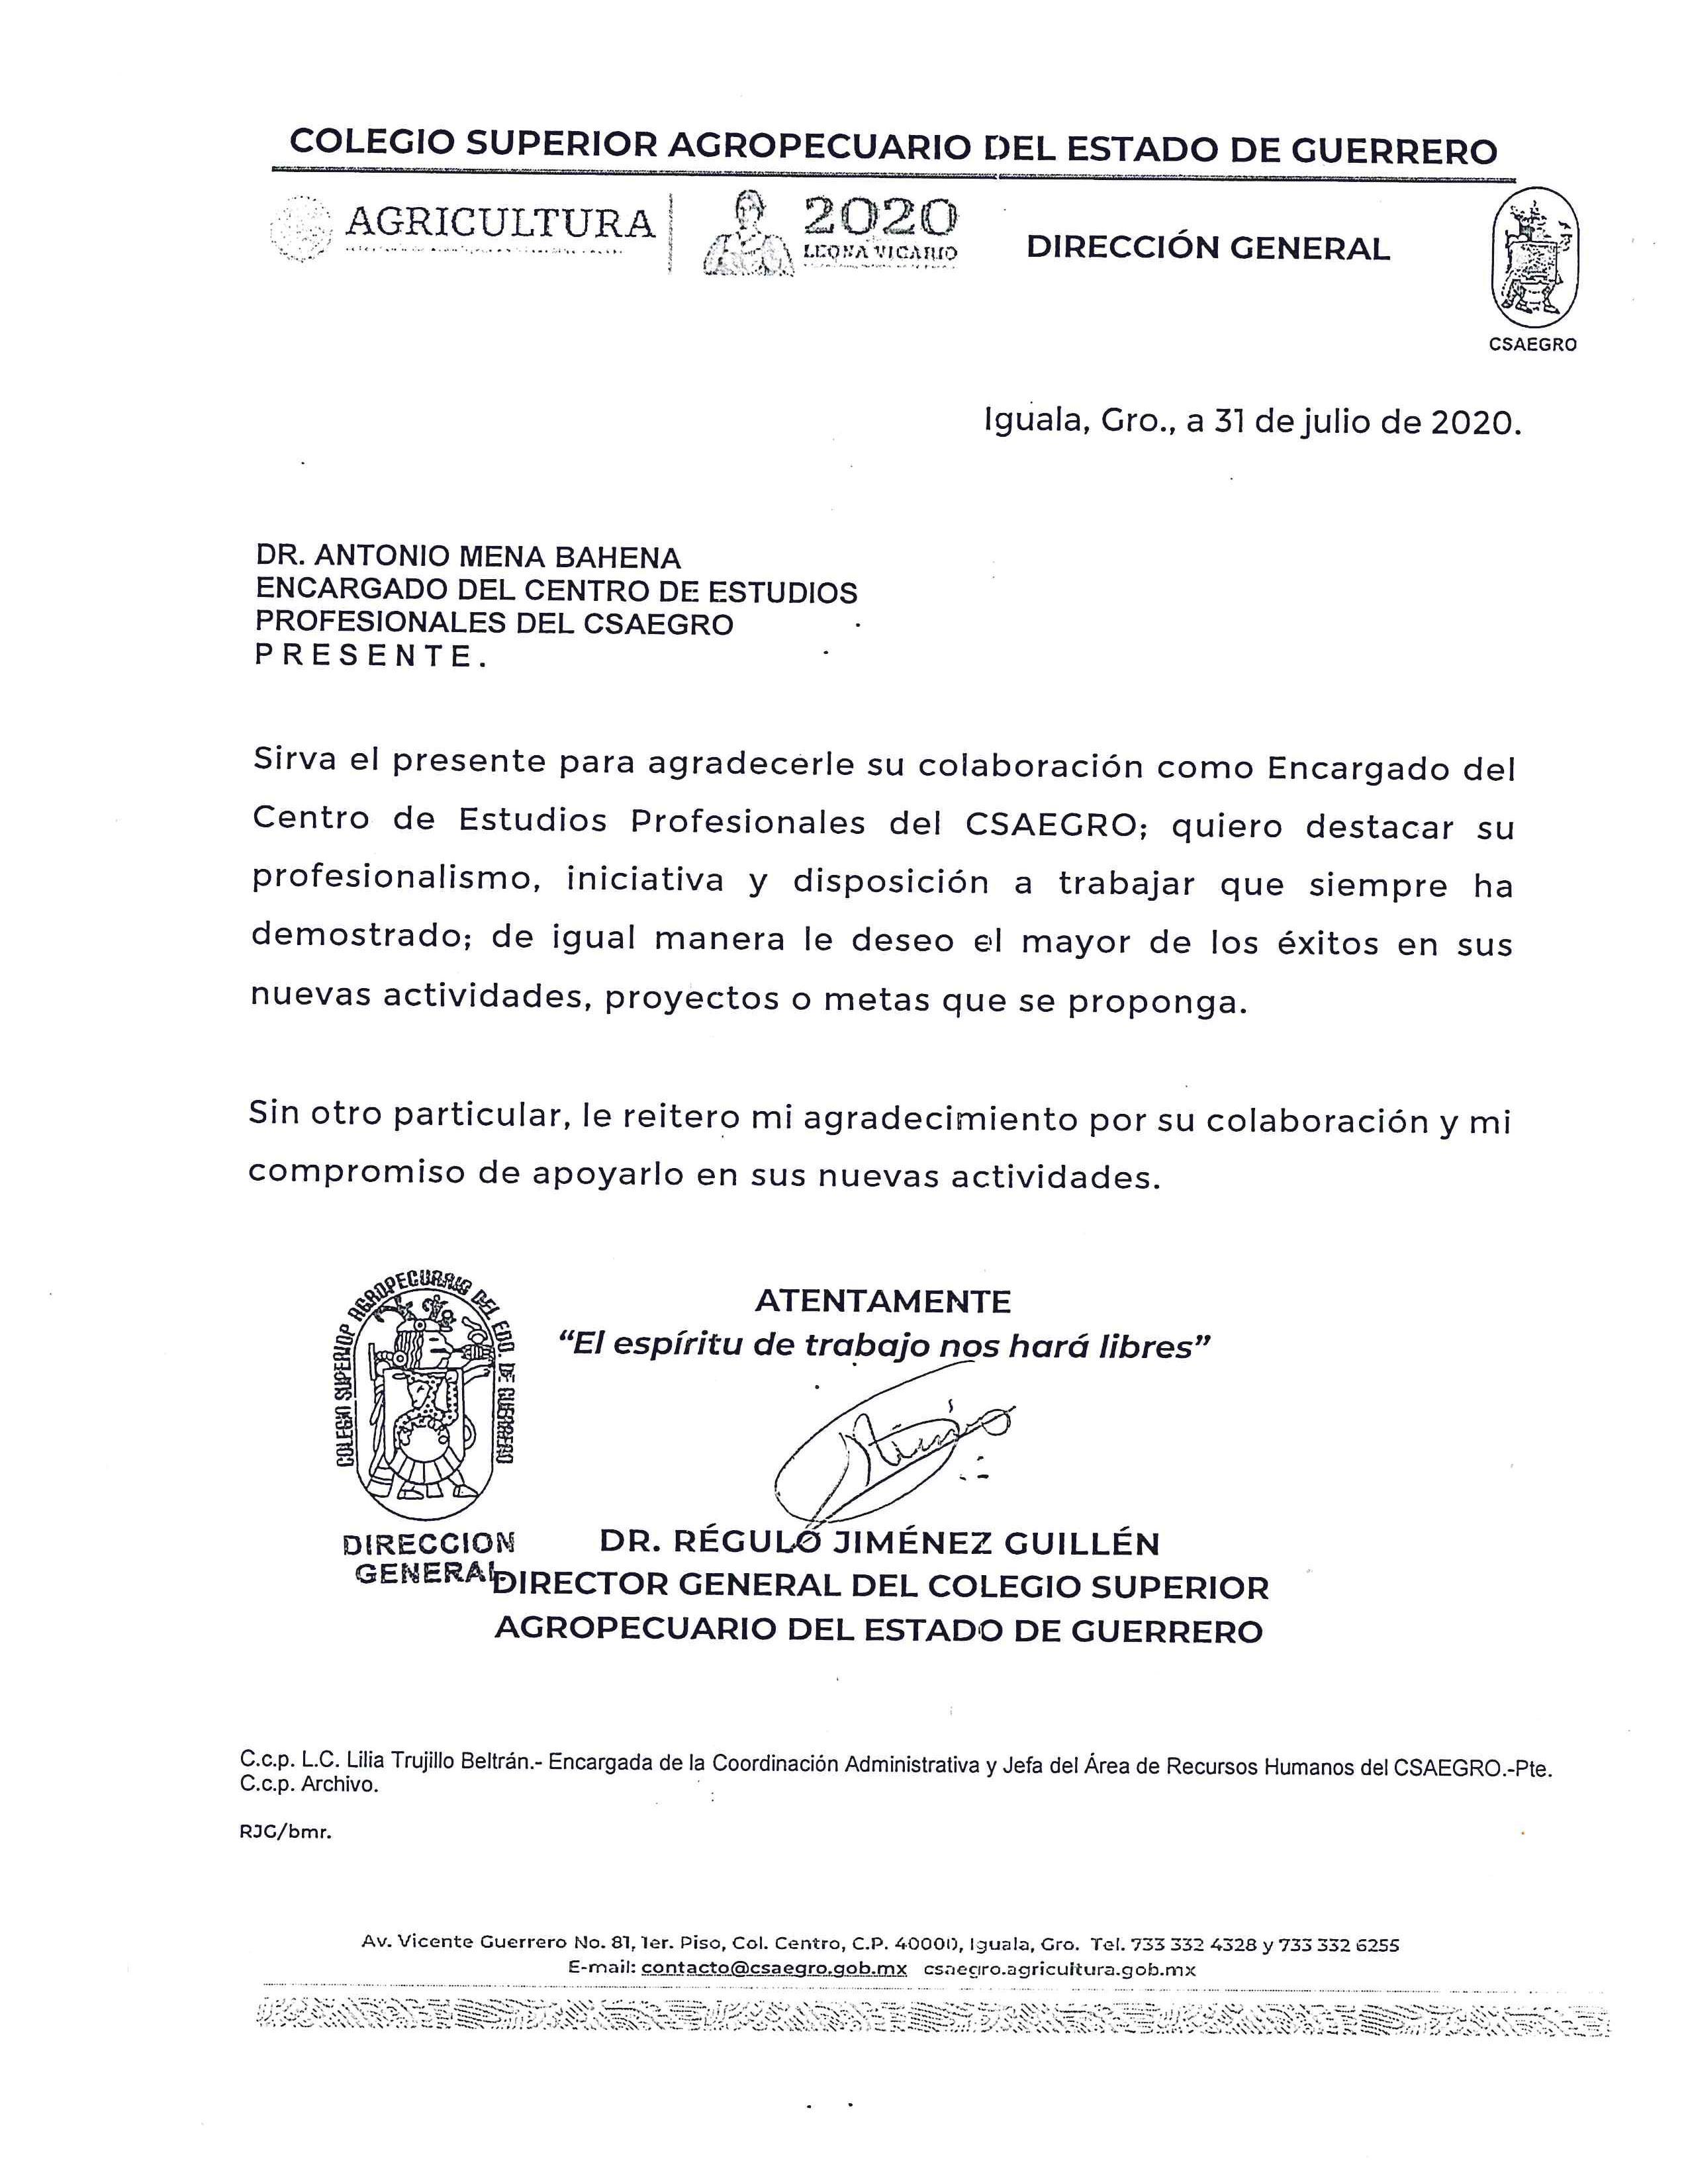 Oficio DG 31 07/2020